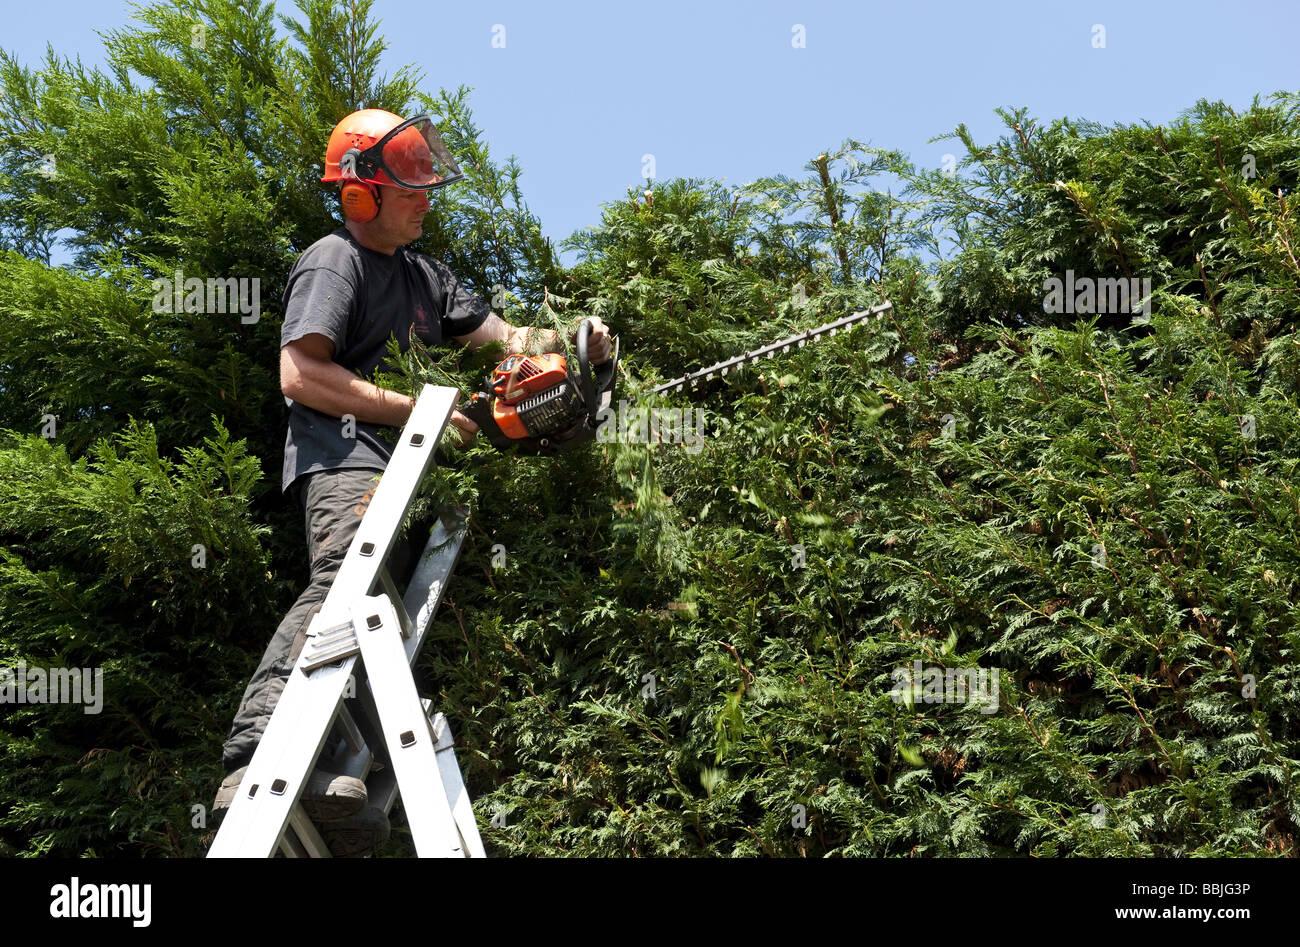 helm tragen baumpfleger schneiden eine große garten koniferen